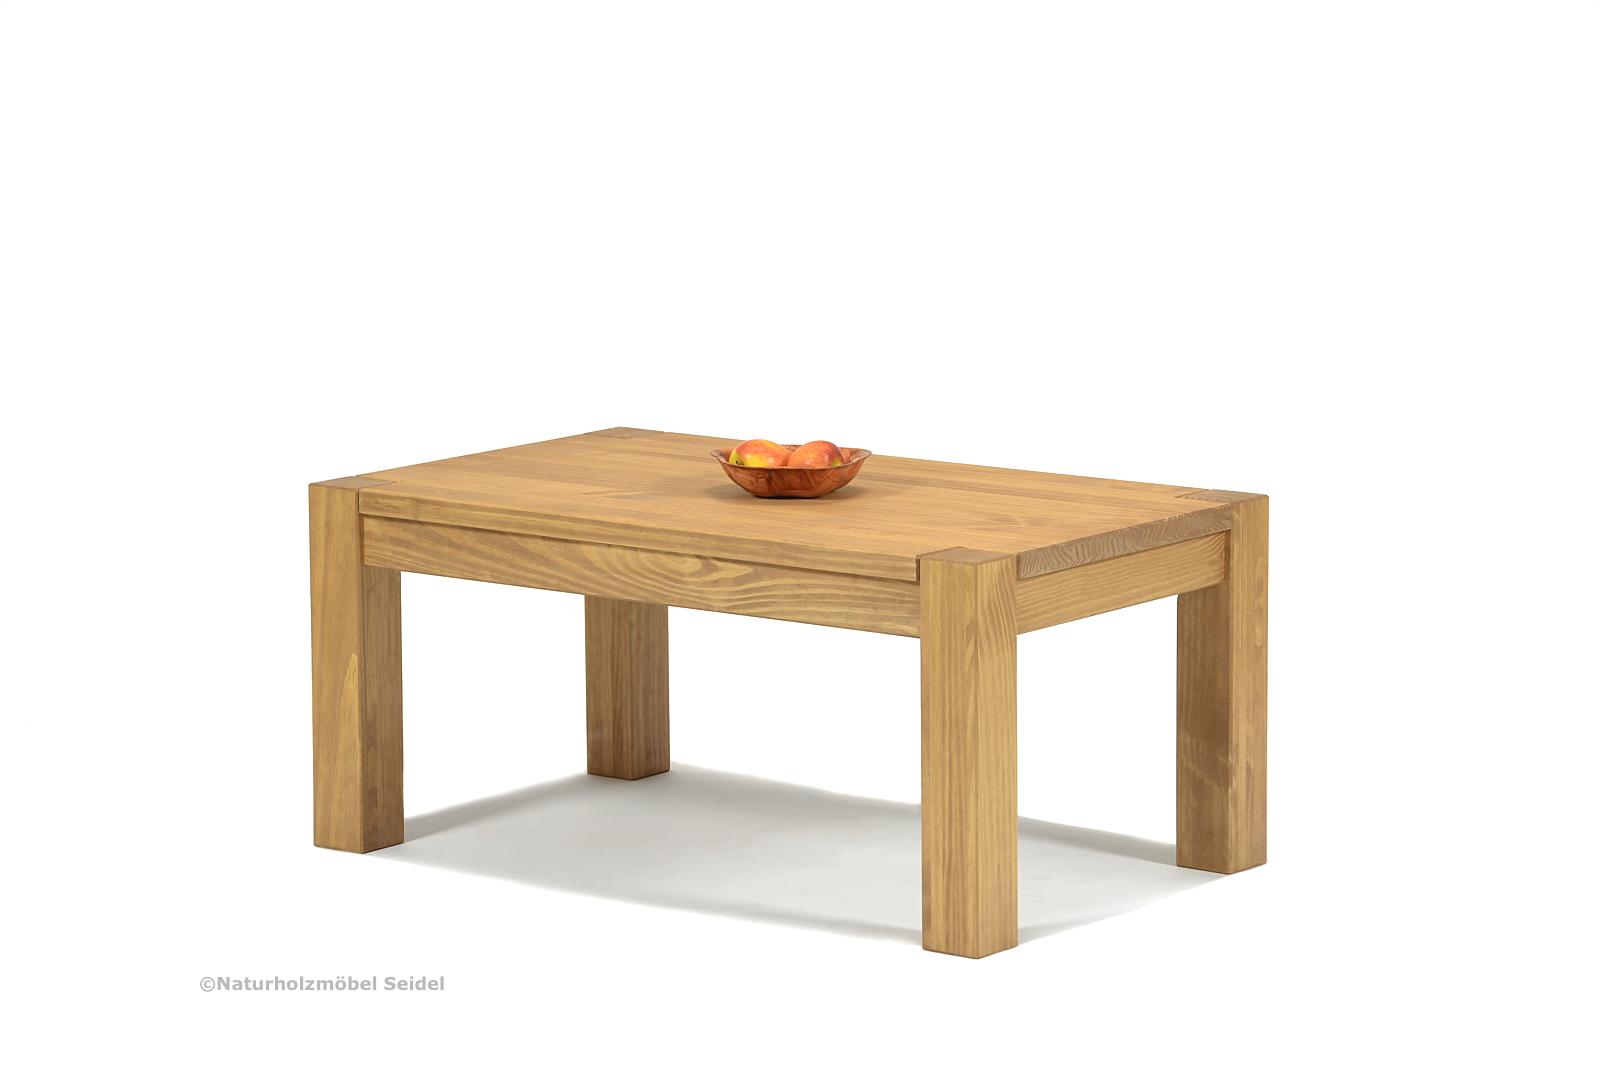 Couchtisch ohne Ablage 90x50 Massivholz Pinie Honig hell Höhe wählbar